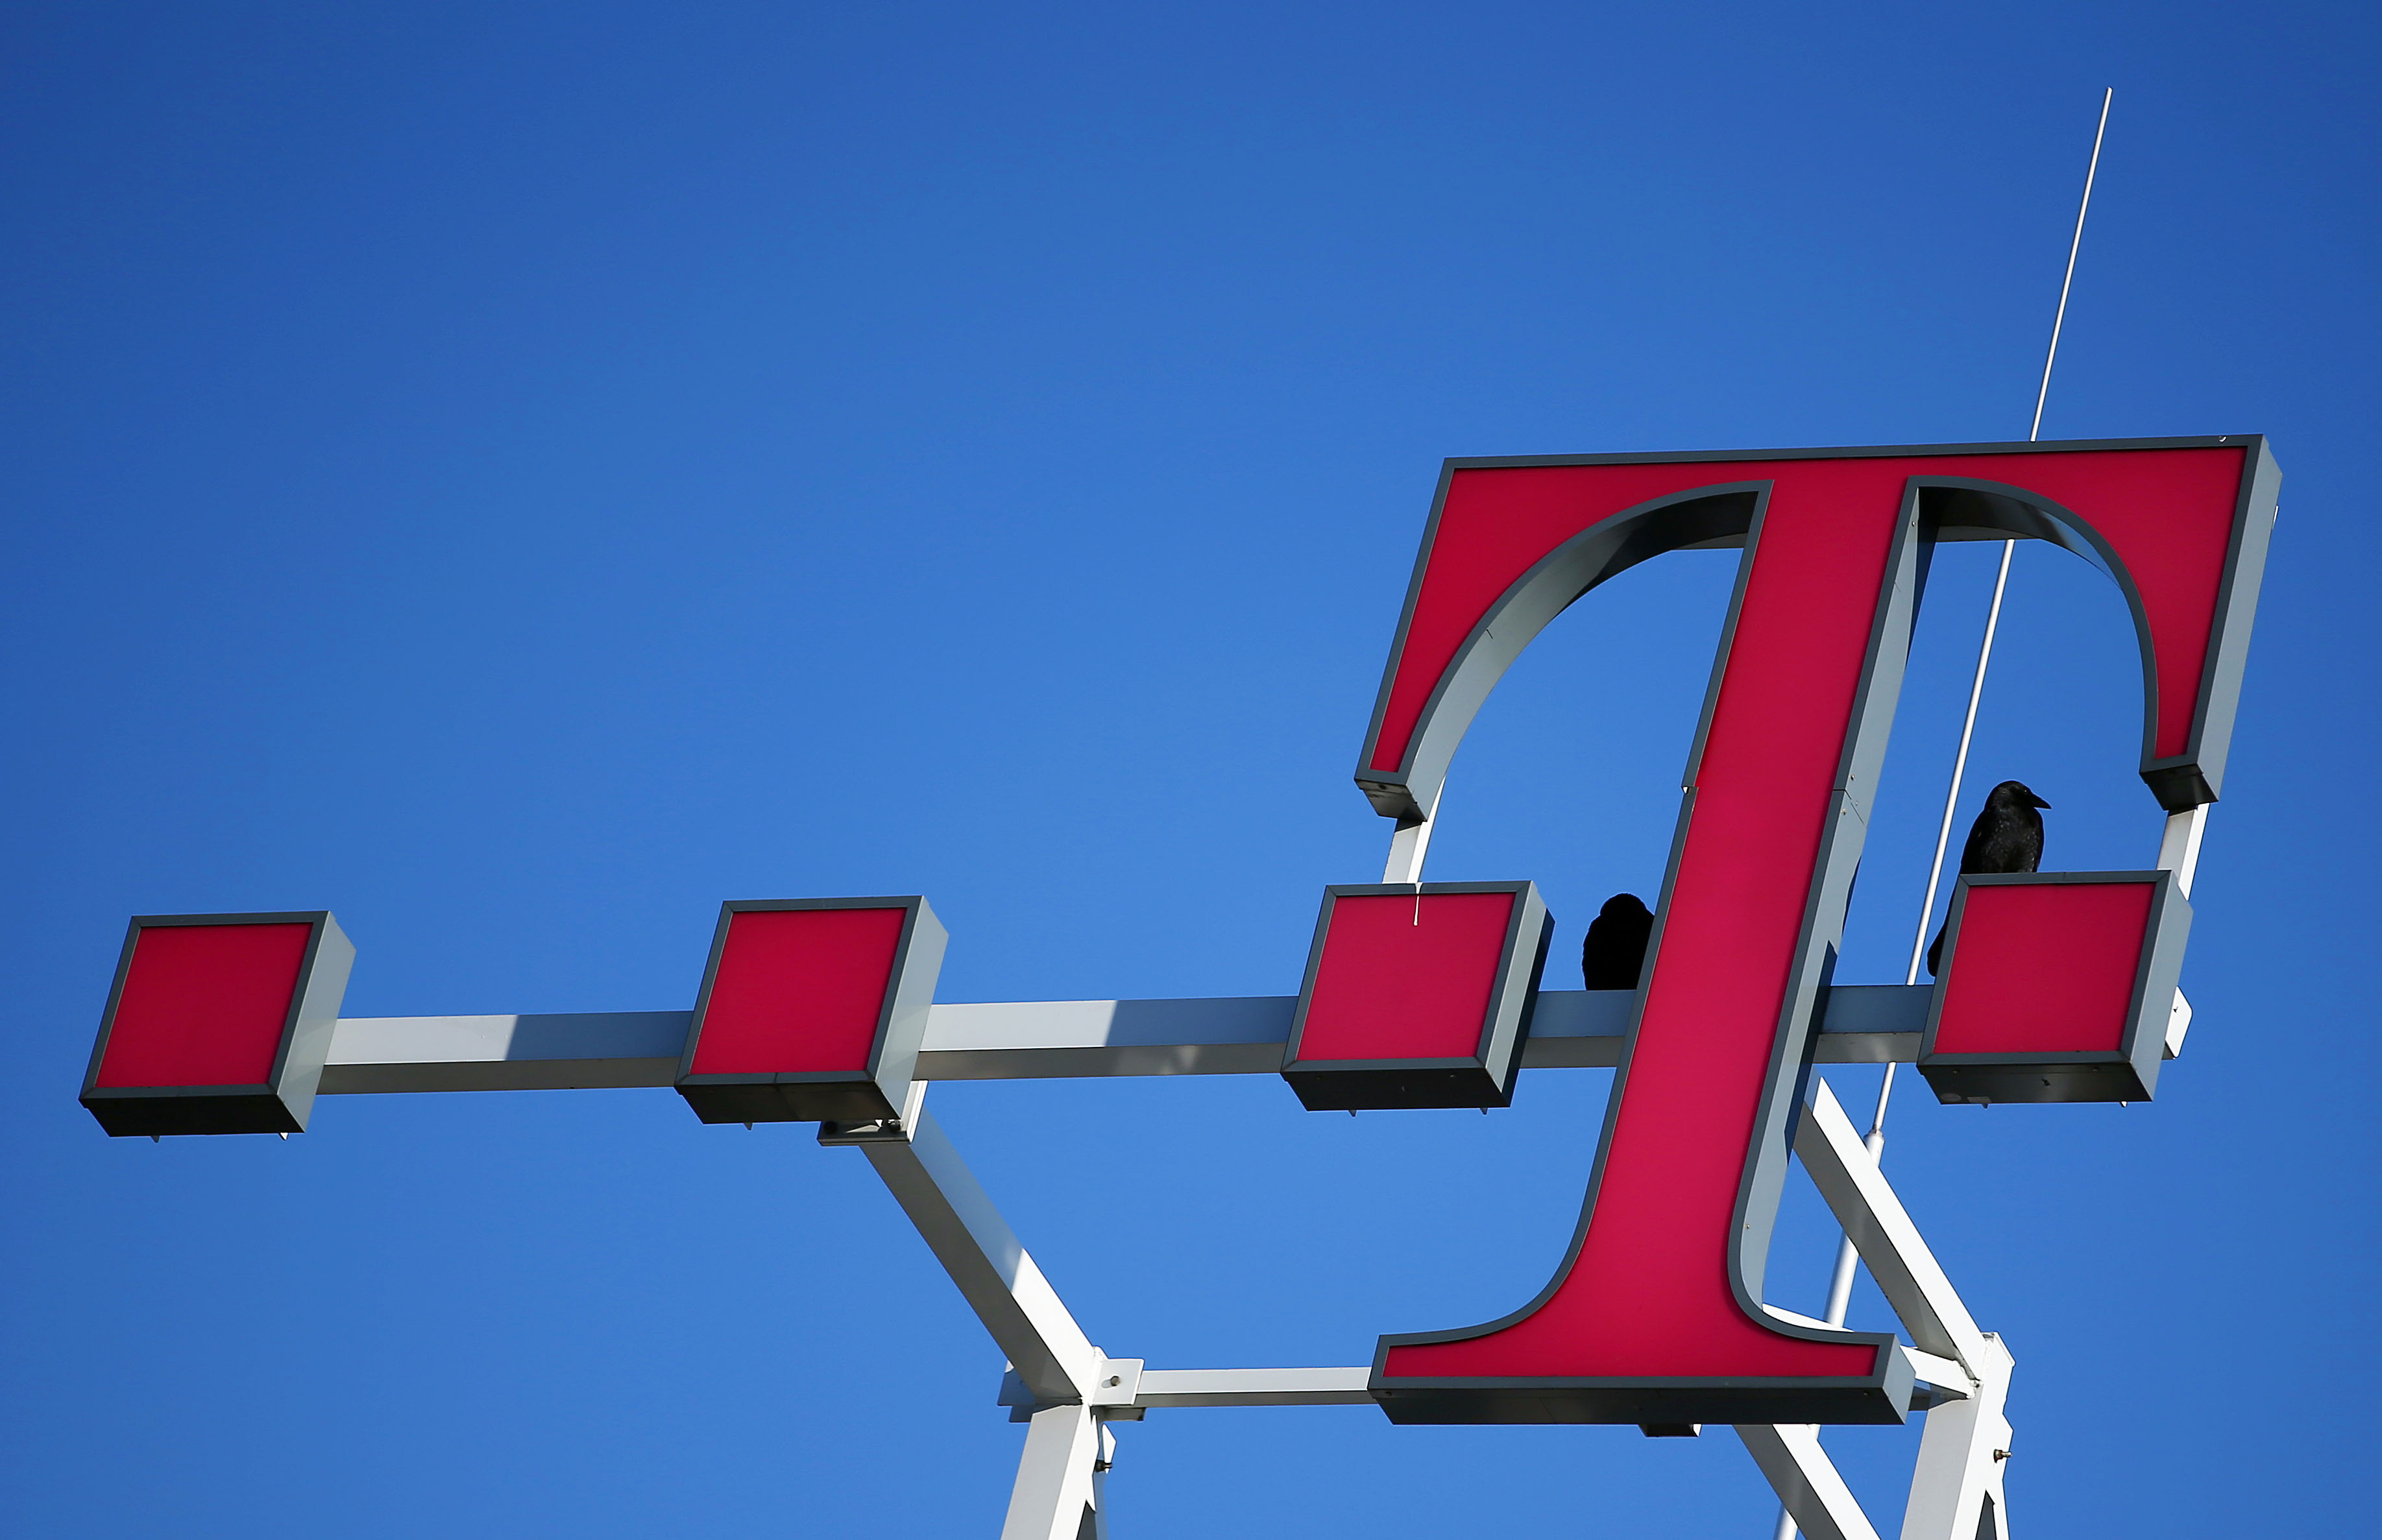 Nyolc év letöltendő büntetést kért az ügyészség az etikus hackernek, aki felfedezett egy biztonsági rést a Telekom rendszerében